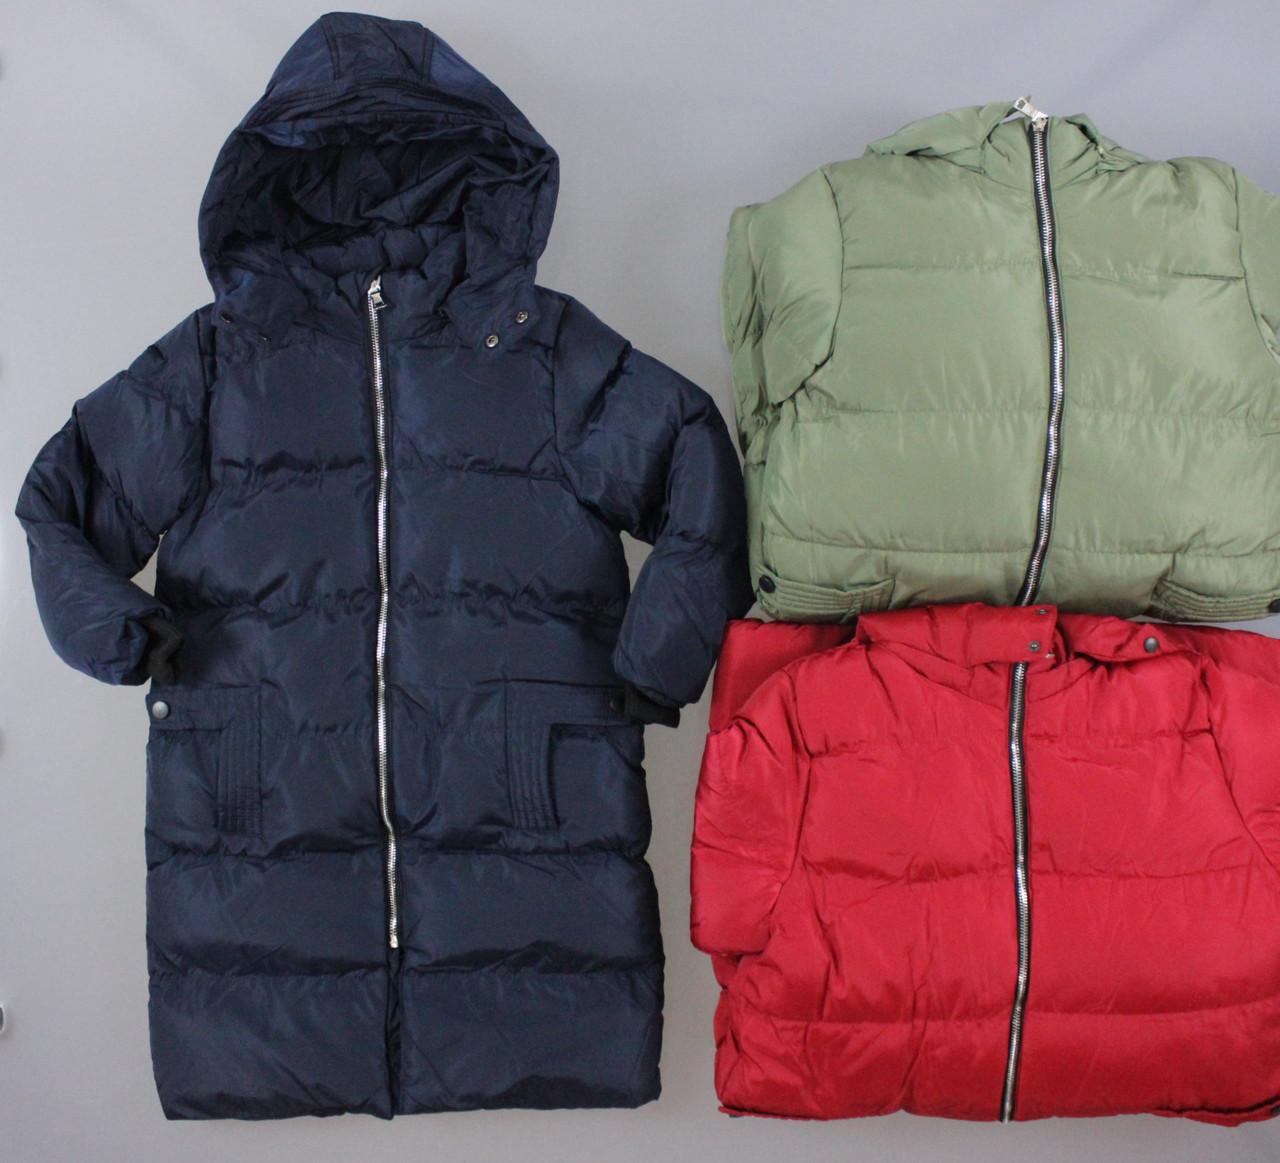 Куртка на меховой подкладке для девочек Grace оптом, 4-12 лет. {есть:4 года}